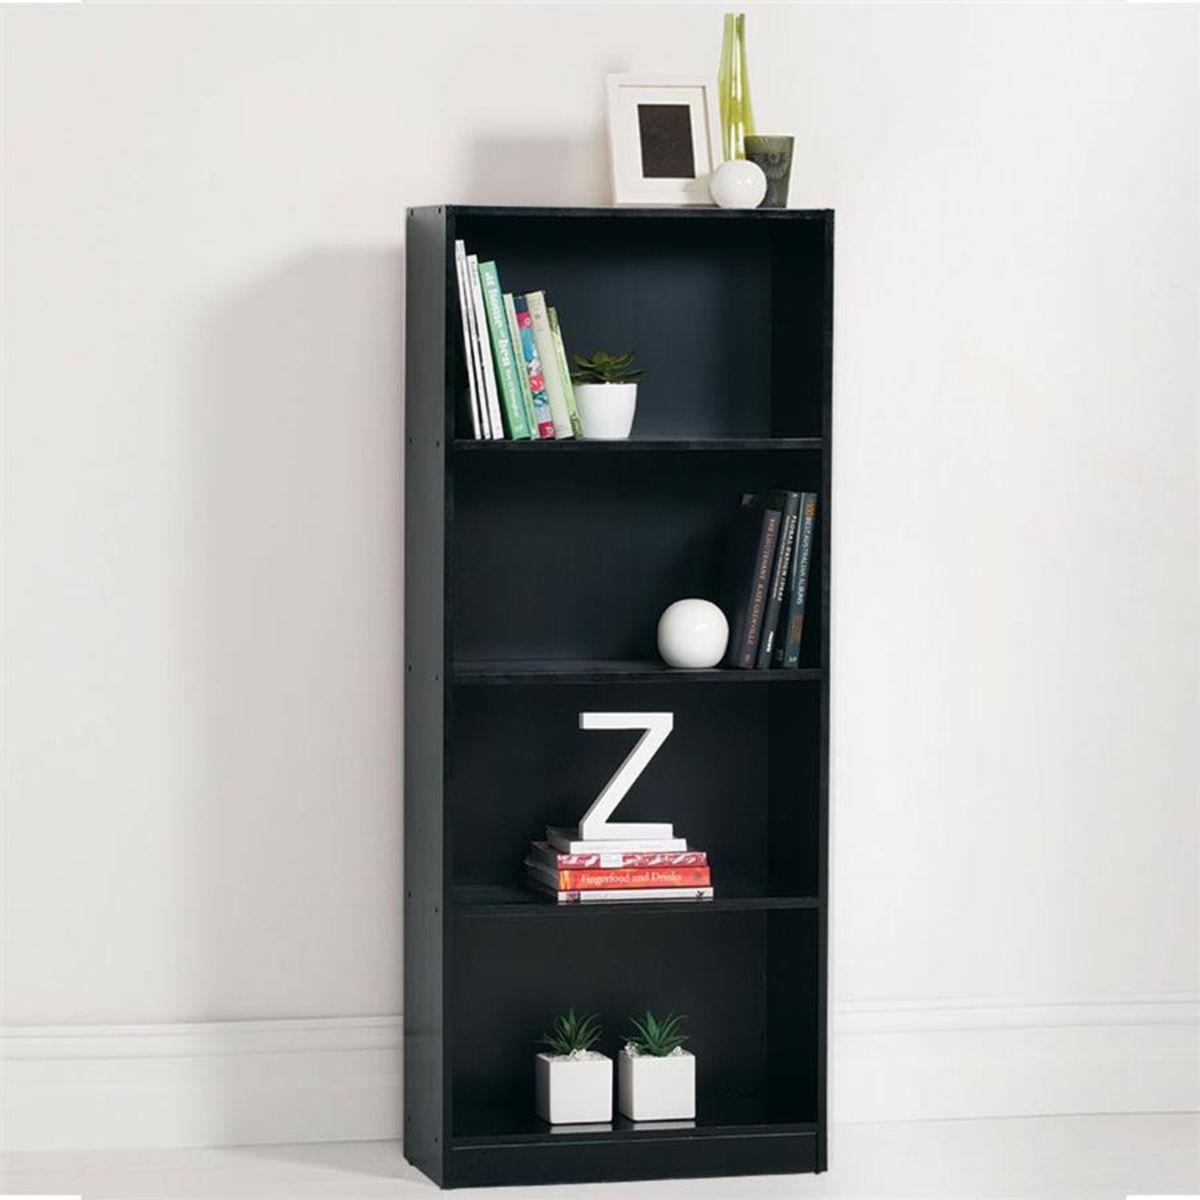 tier bookshelf black homemaker bedroom ideas pinterest black